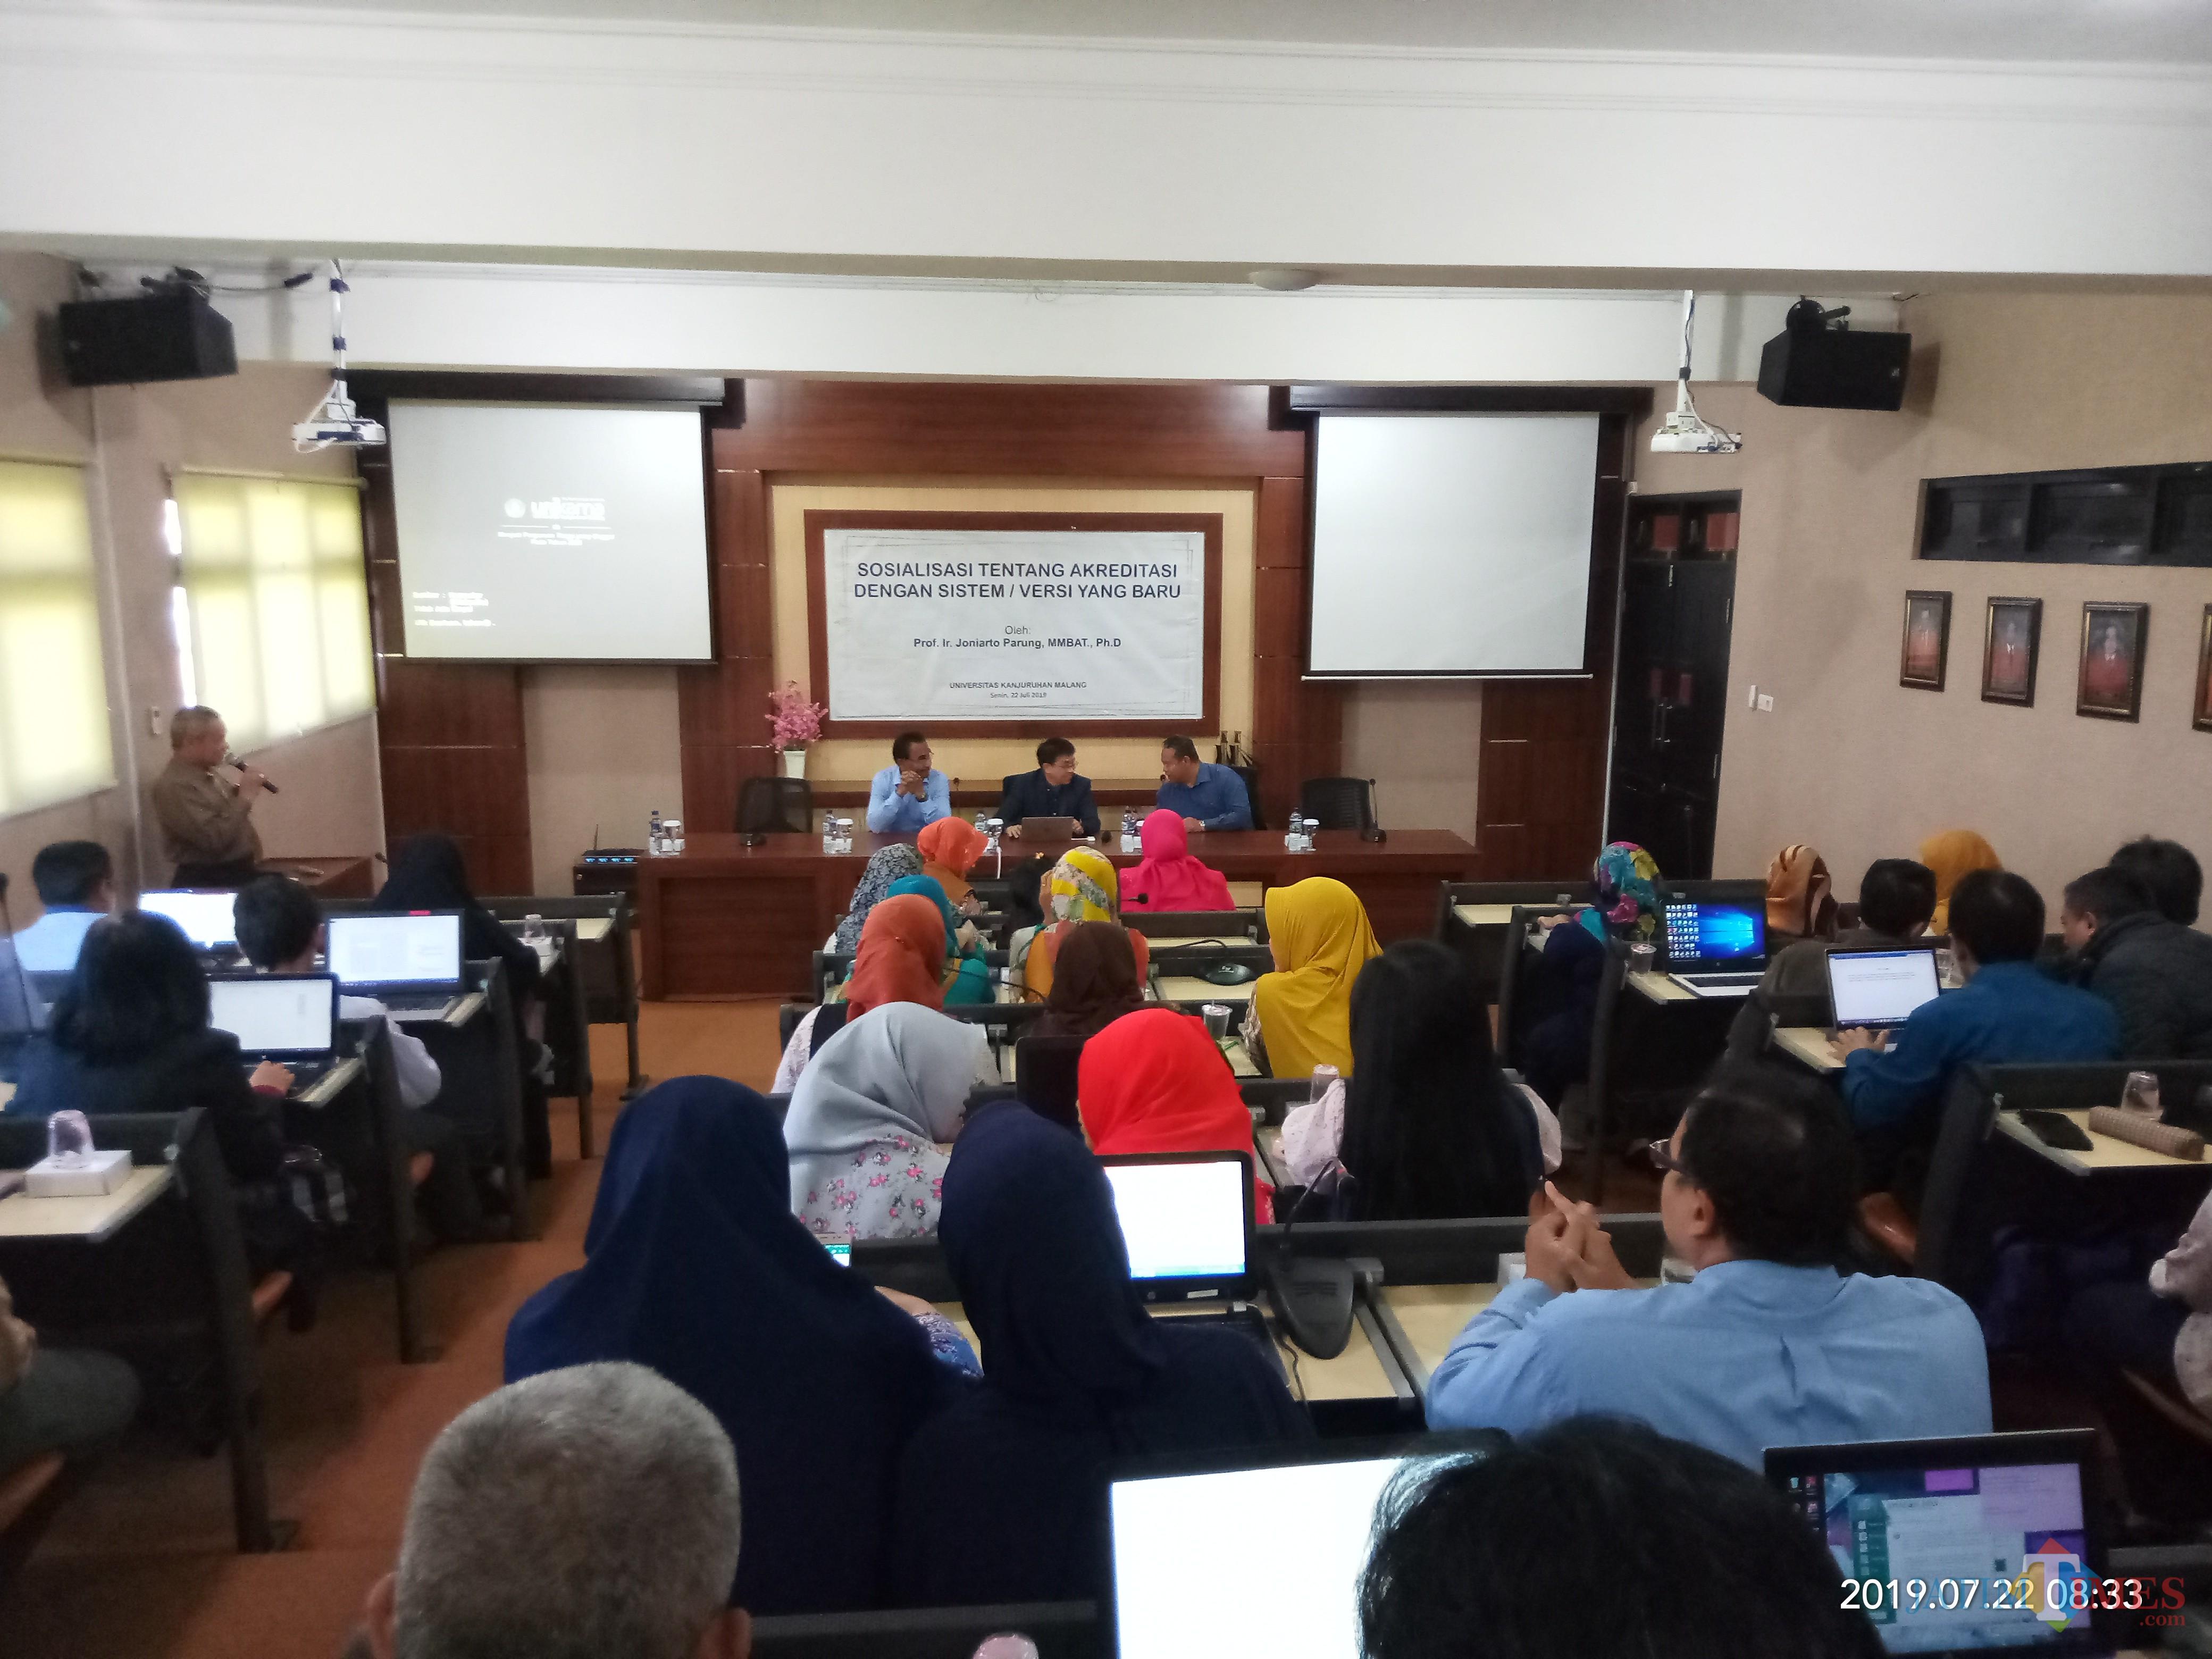 Para dosen, karyawan dan pejabat struktural Unikama saat mengikuti sosialisasi sistem akreditasi yang baru. (Anggara Sudiongko/MalangTIMES)